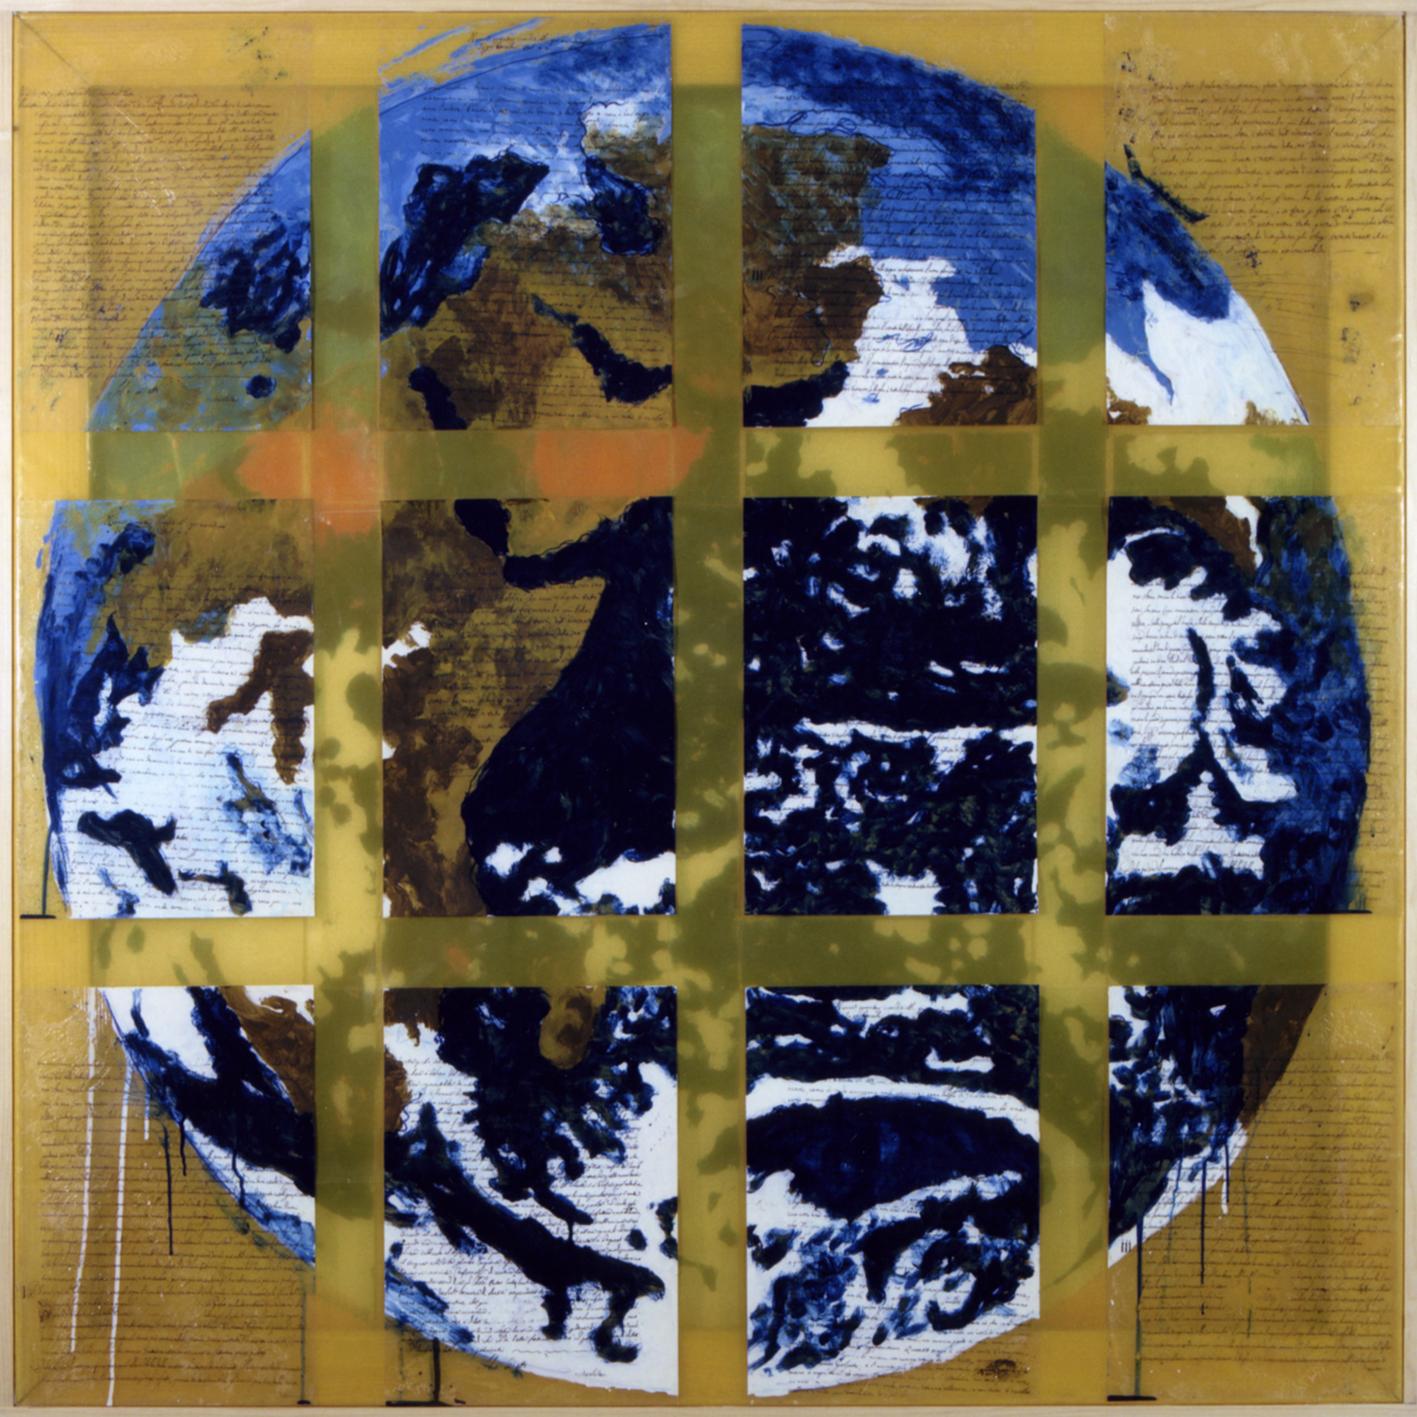 Pianeta Giallo(Yellow Planet)